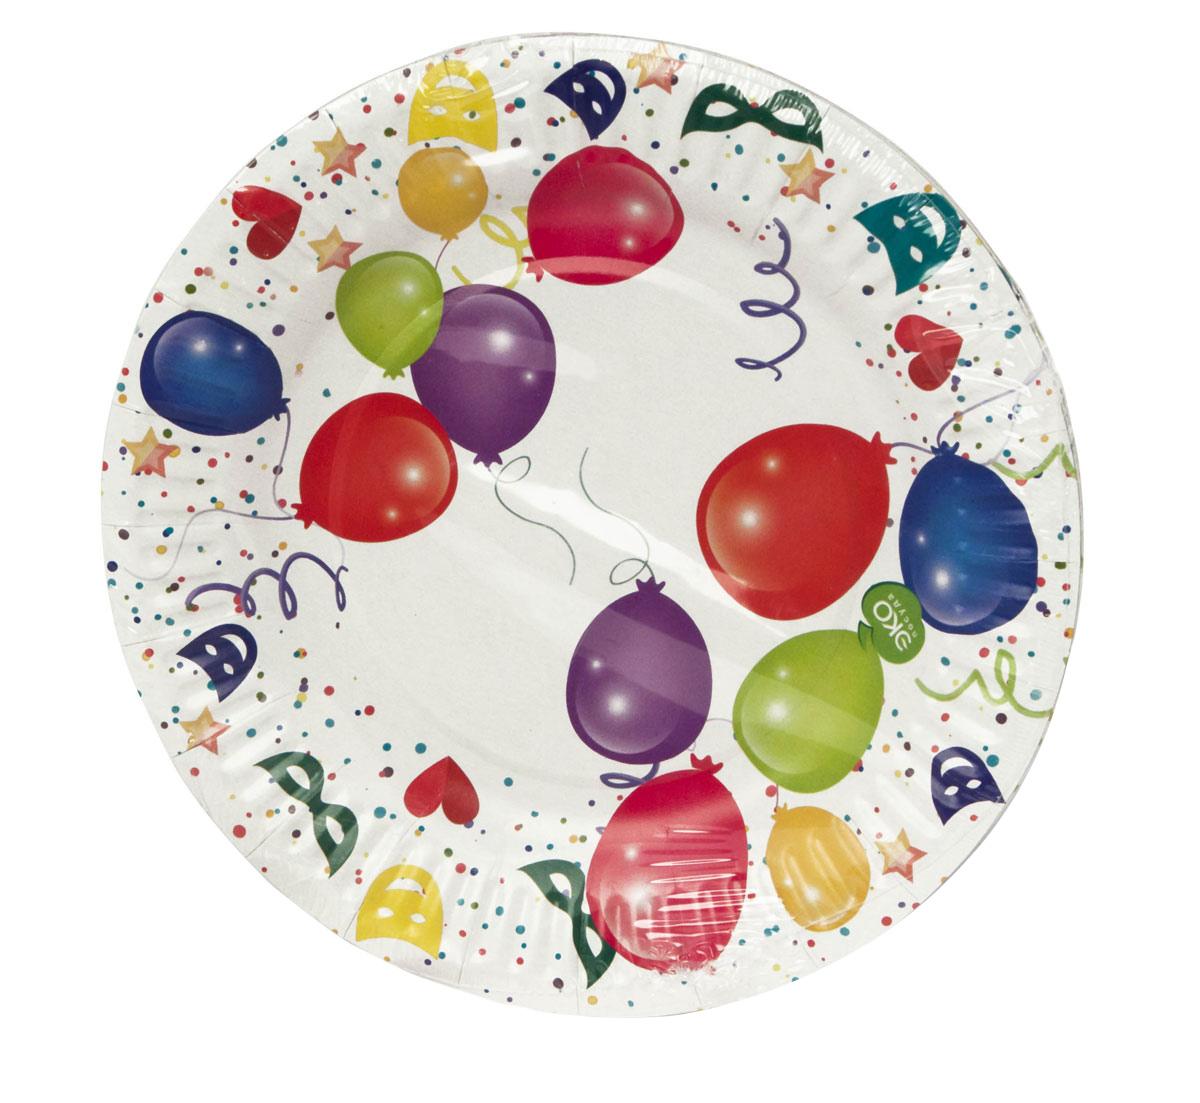 Набор тарелок Paterra Детский праздник, бумажные, диаметр 18 см, 6 шт401-472Набор тарелок Paterra Детский праздник состоит из 6 тарелок и предназначен для украшения и сервировки праздничного стола к детскому празднику. Пригодны для горячих блюд. Тарелки прочные, благодаря качеству и высокой плотности используемой при их изготовлении бумаги.Тарелки Paterra Детский праздник декорированы ярким дизайном. Они украсят любой детский праздник.Диаметр тарелки: 18 см.Количество в упаковке: 6 шт.